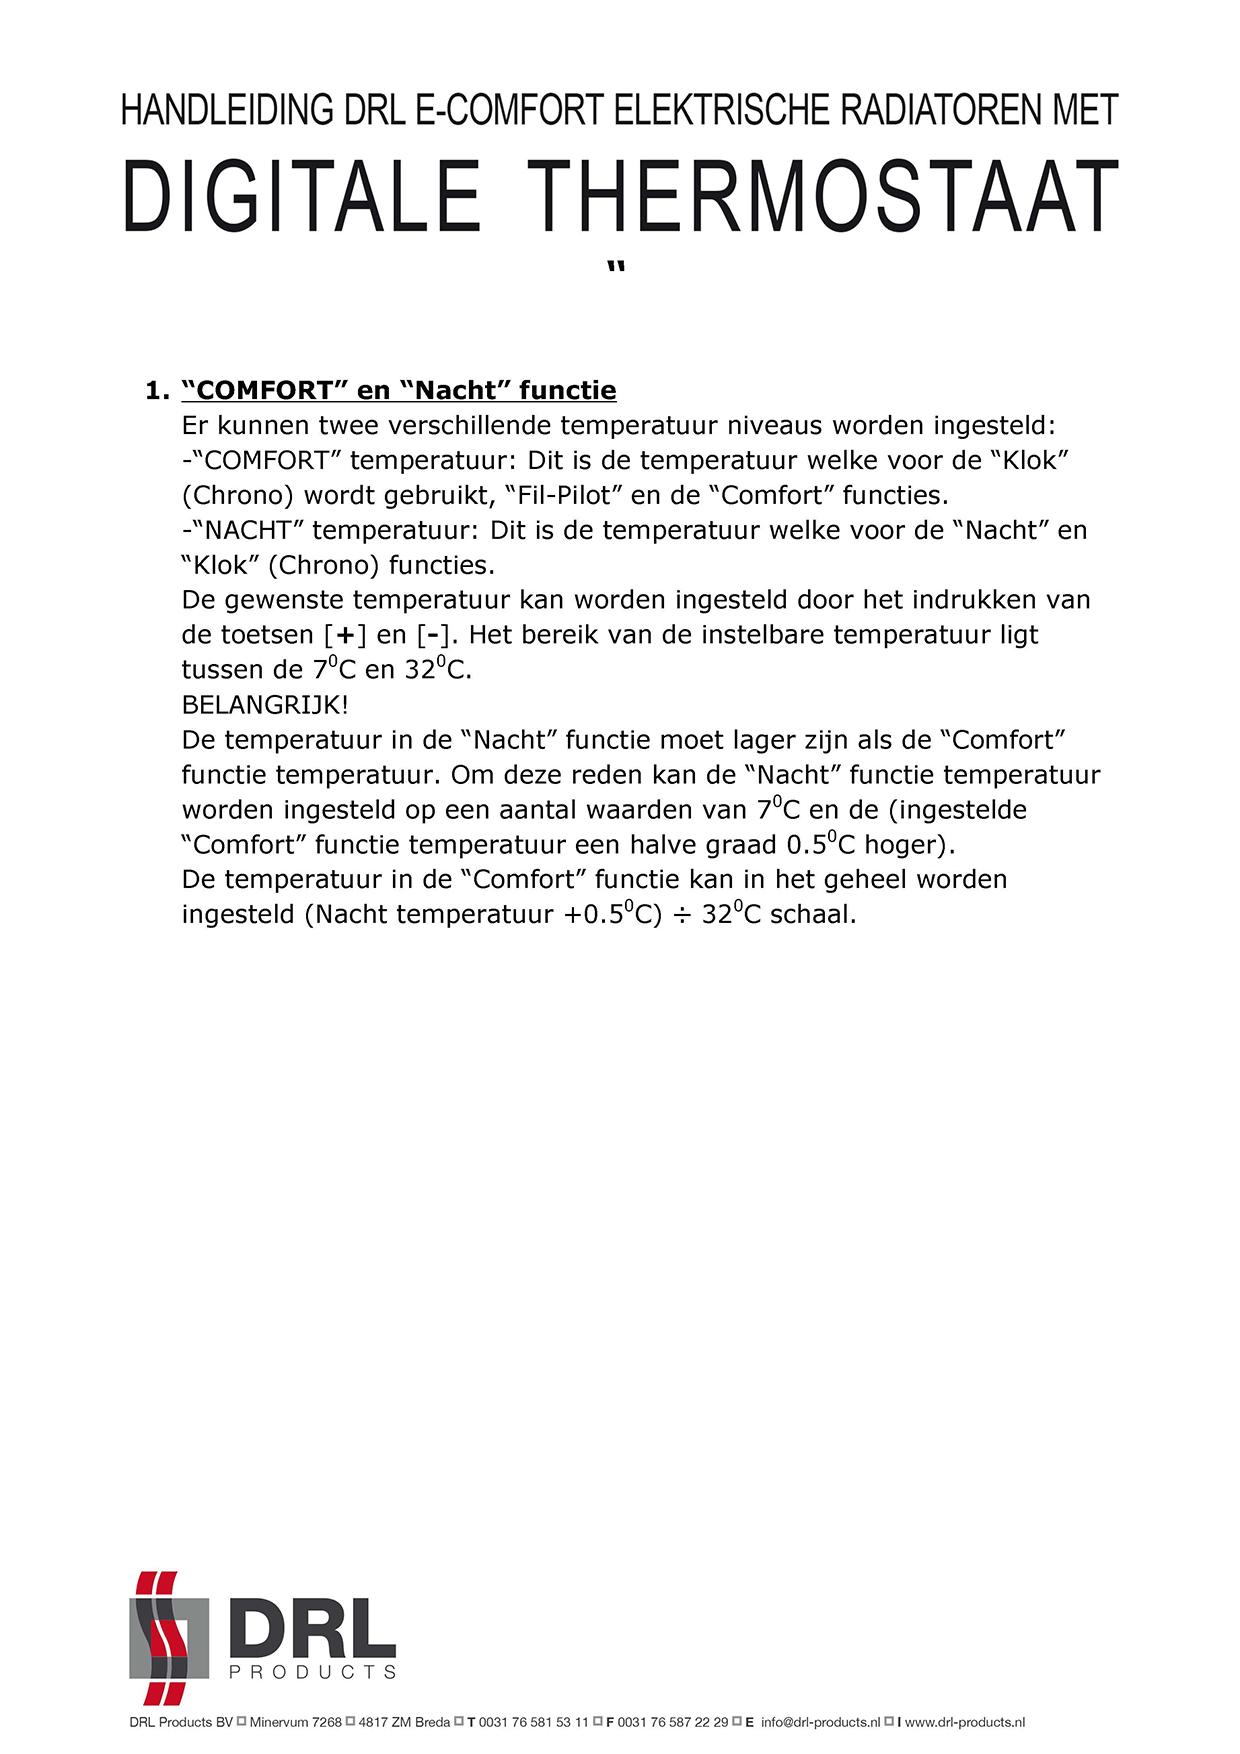 H_70_DRL_E_Comfort_Claudia_DIGITAAL_Thermostaat_GebruikersInstructie_NL_Pagina_11_WEB